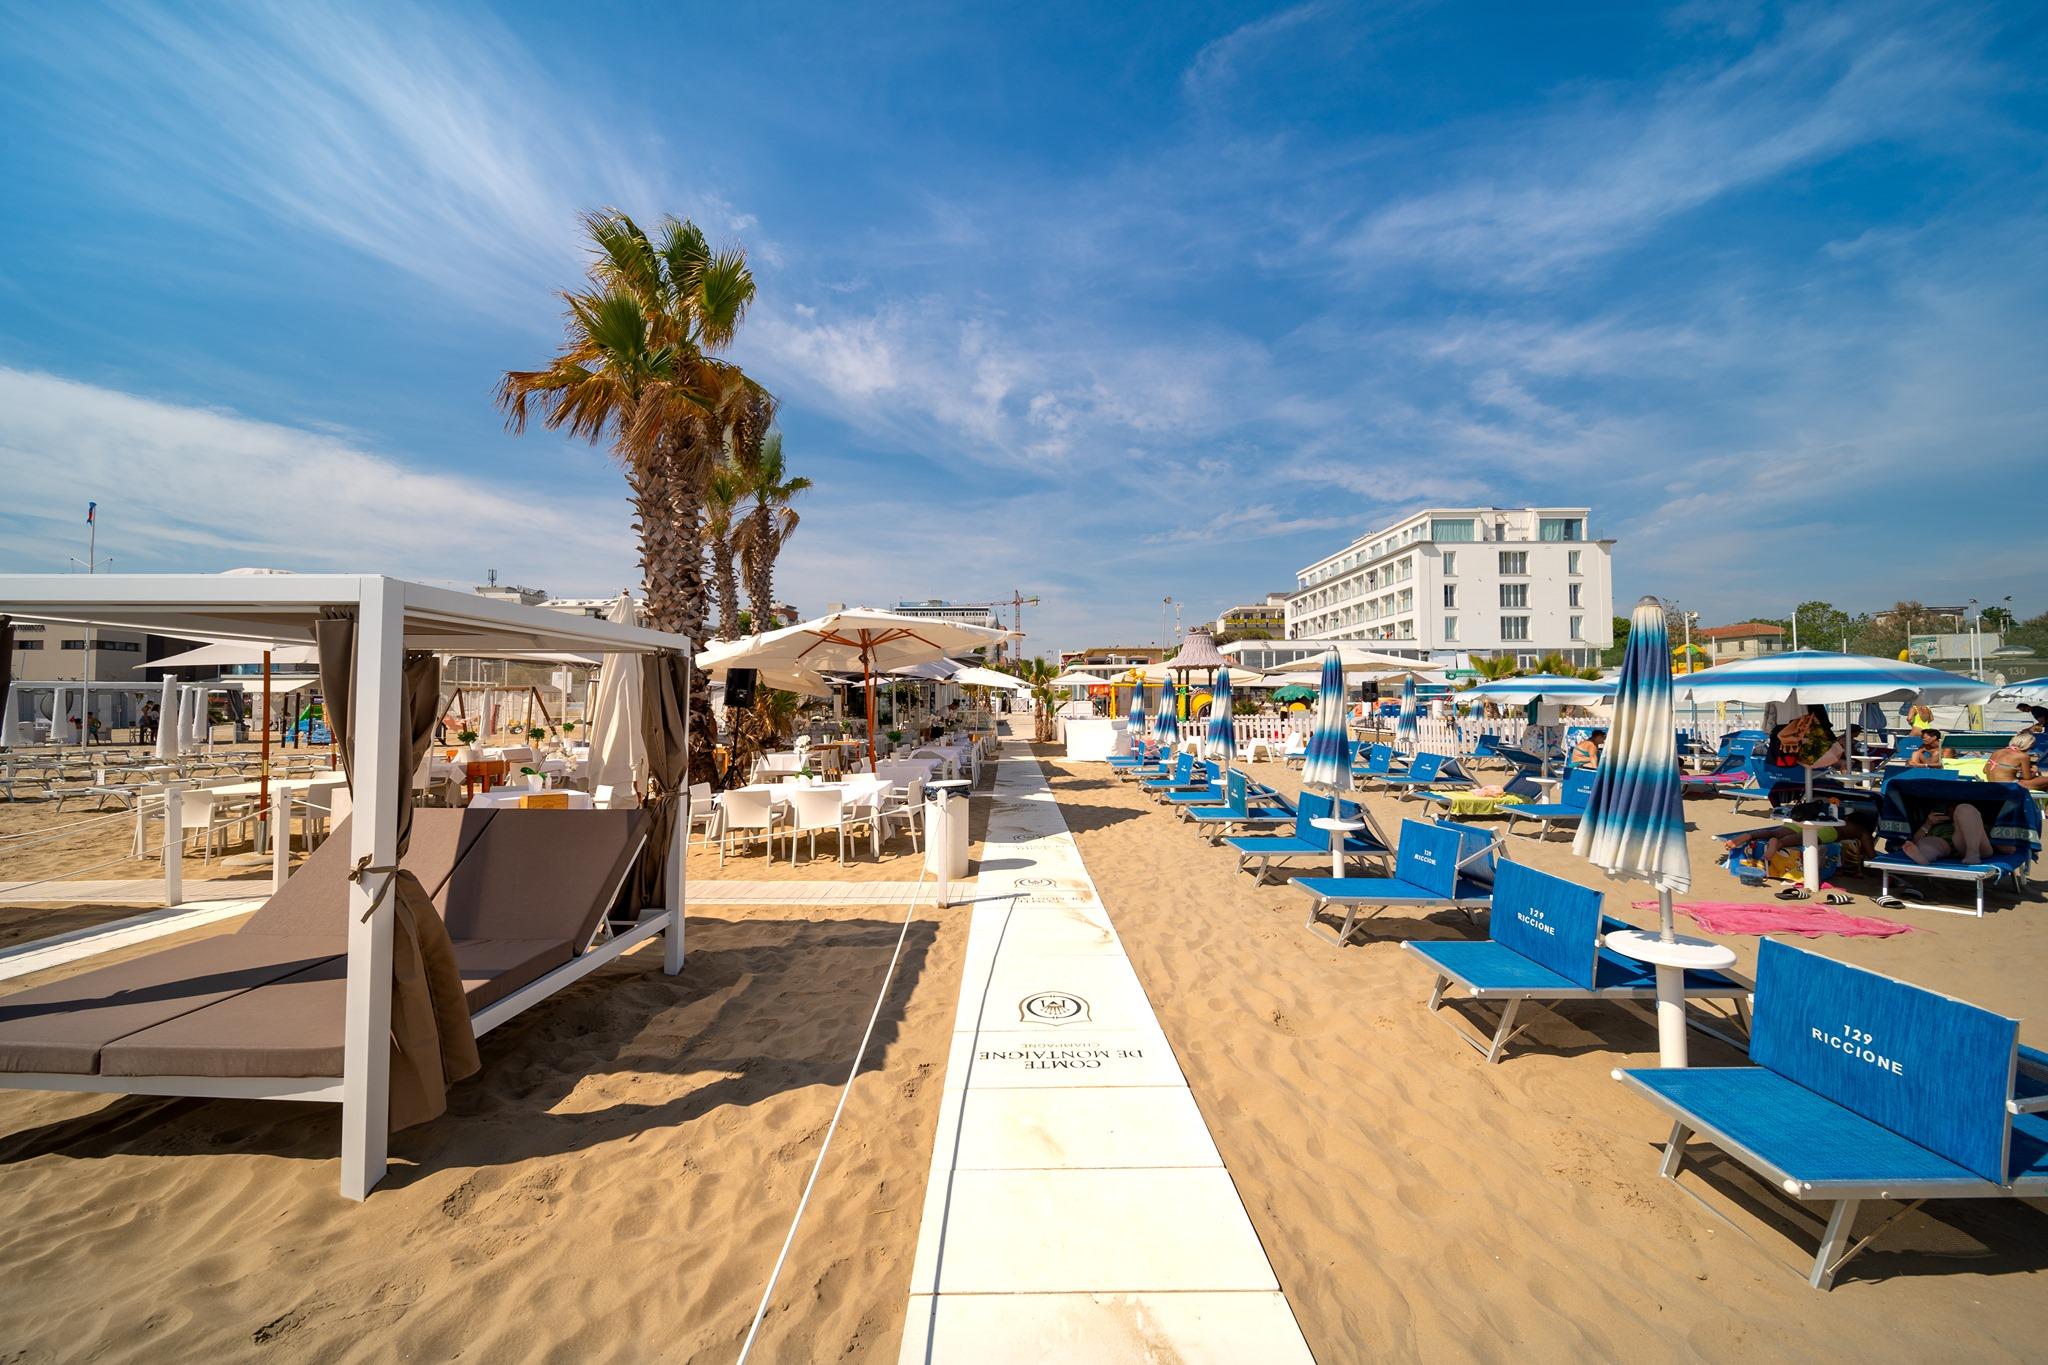 Spiaggia 129